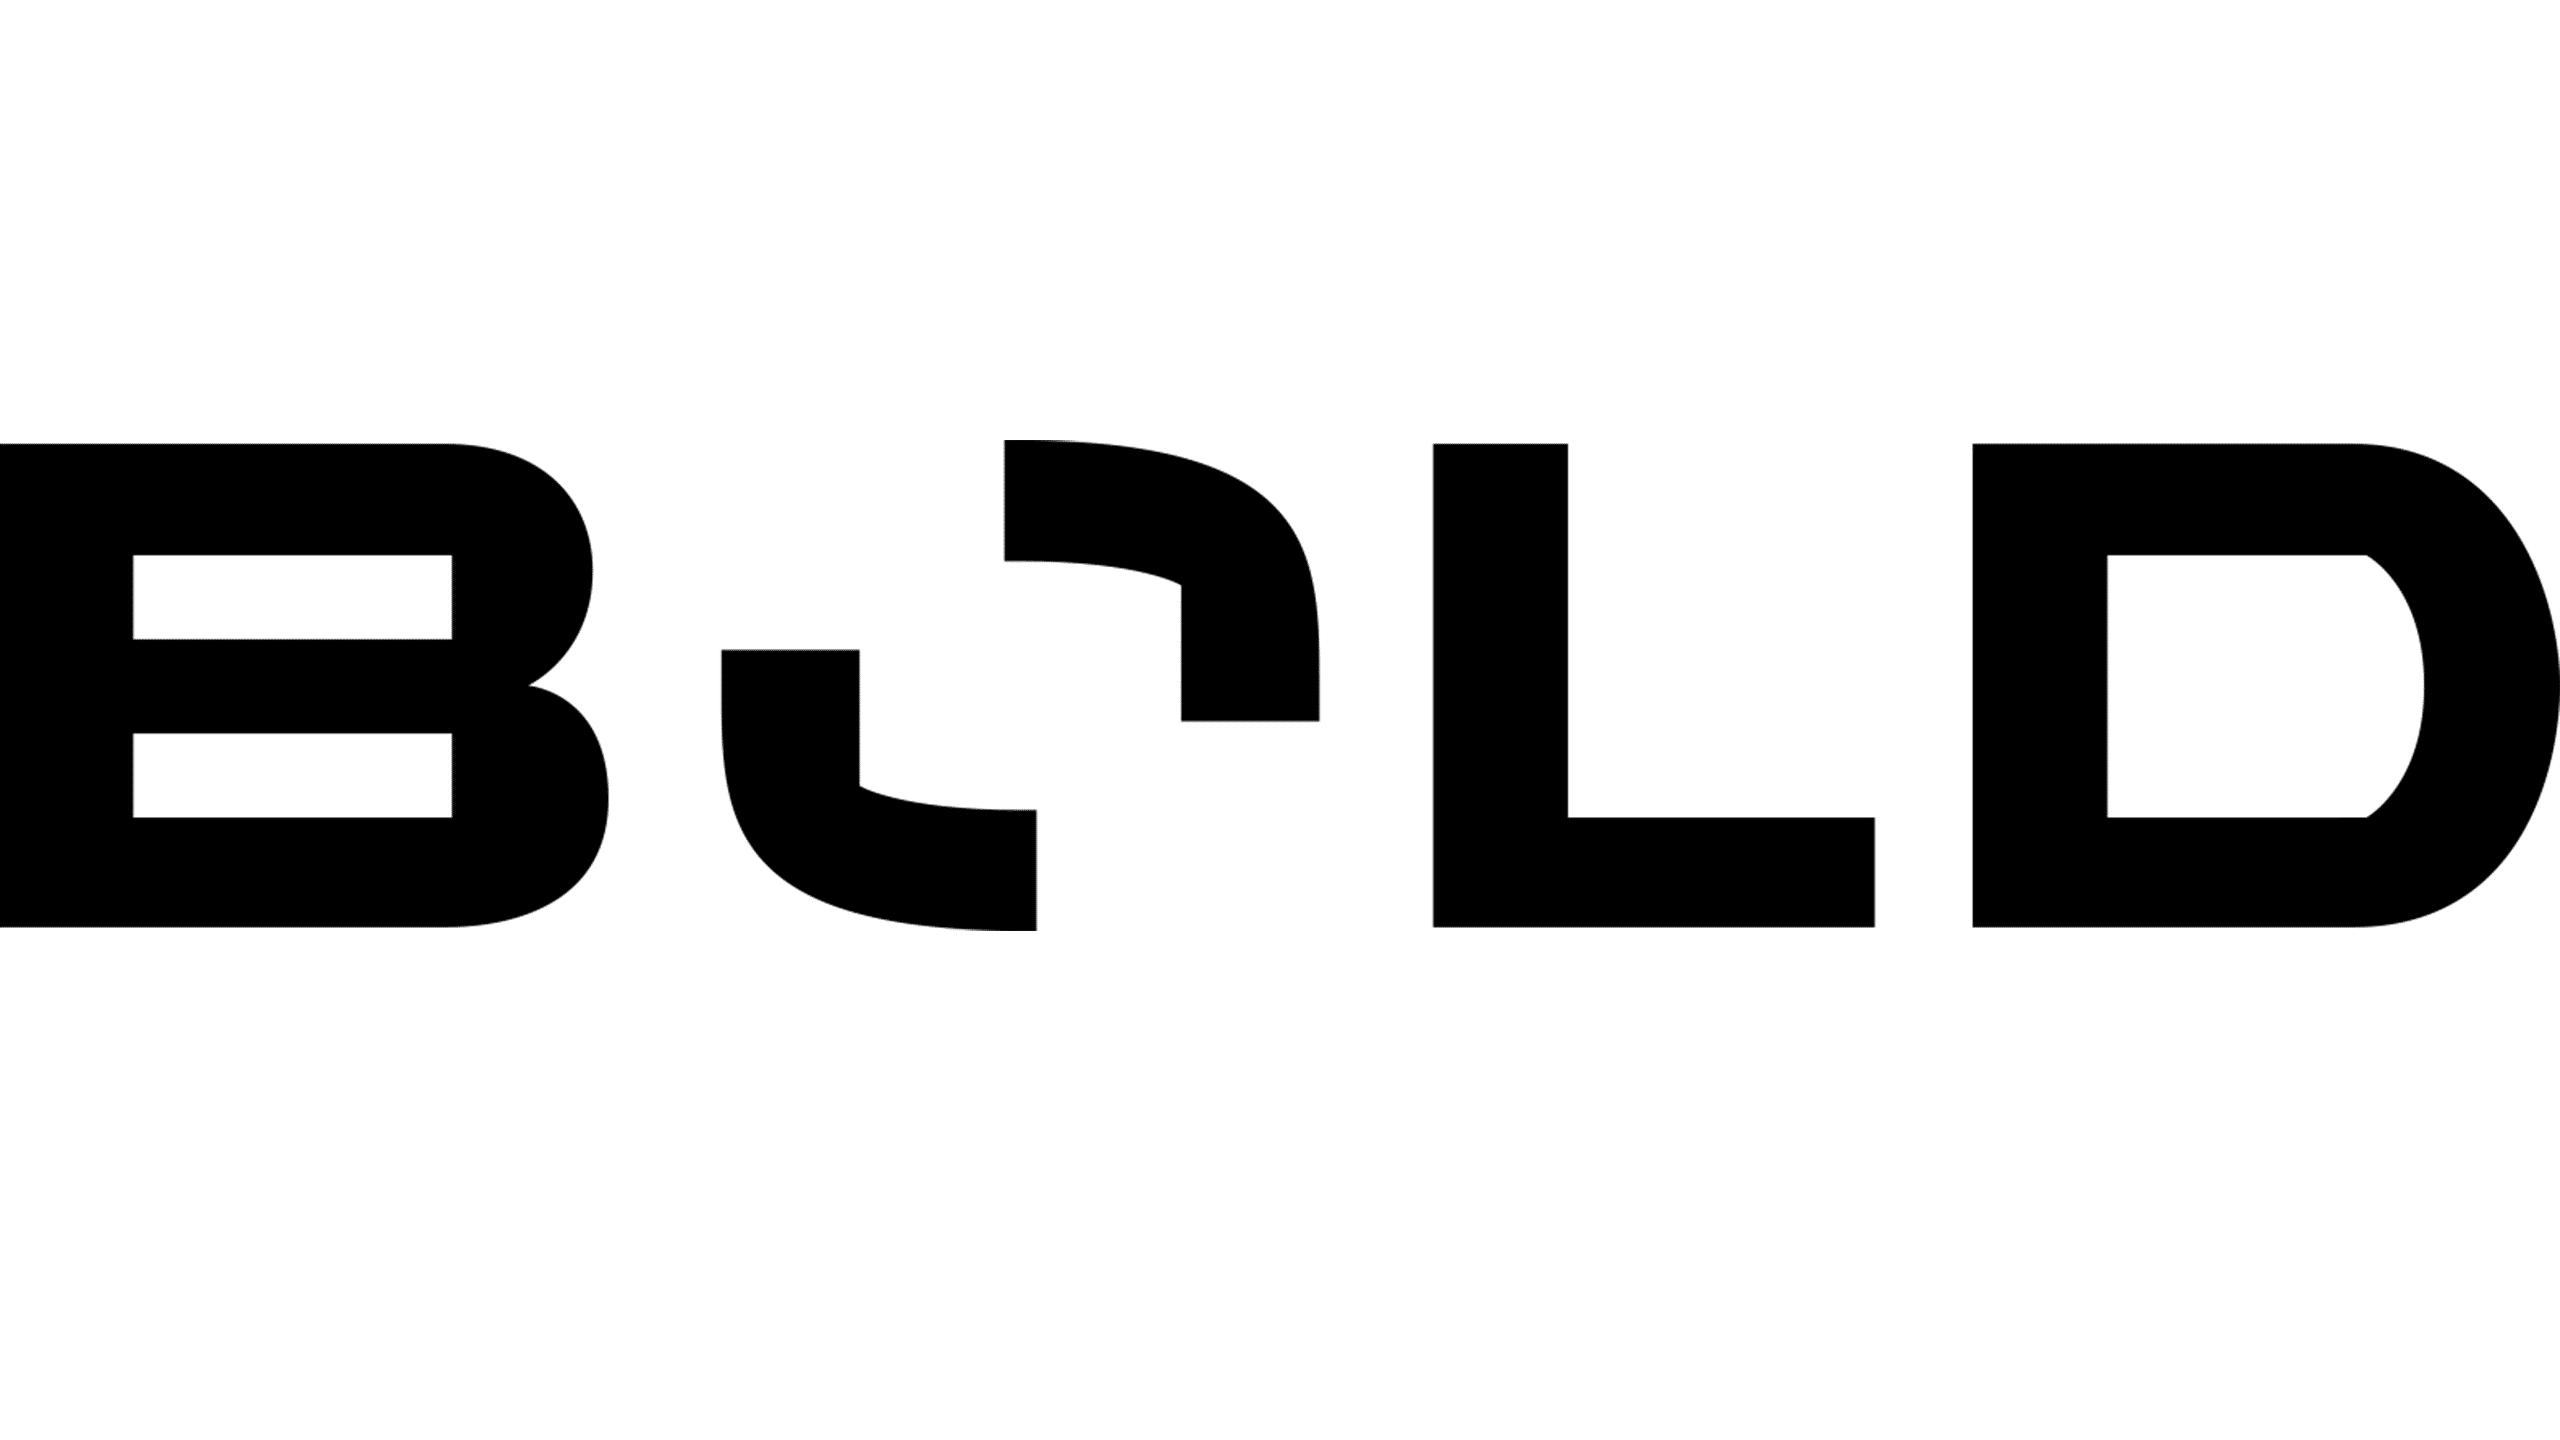 Final logo for Bold, black large.